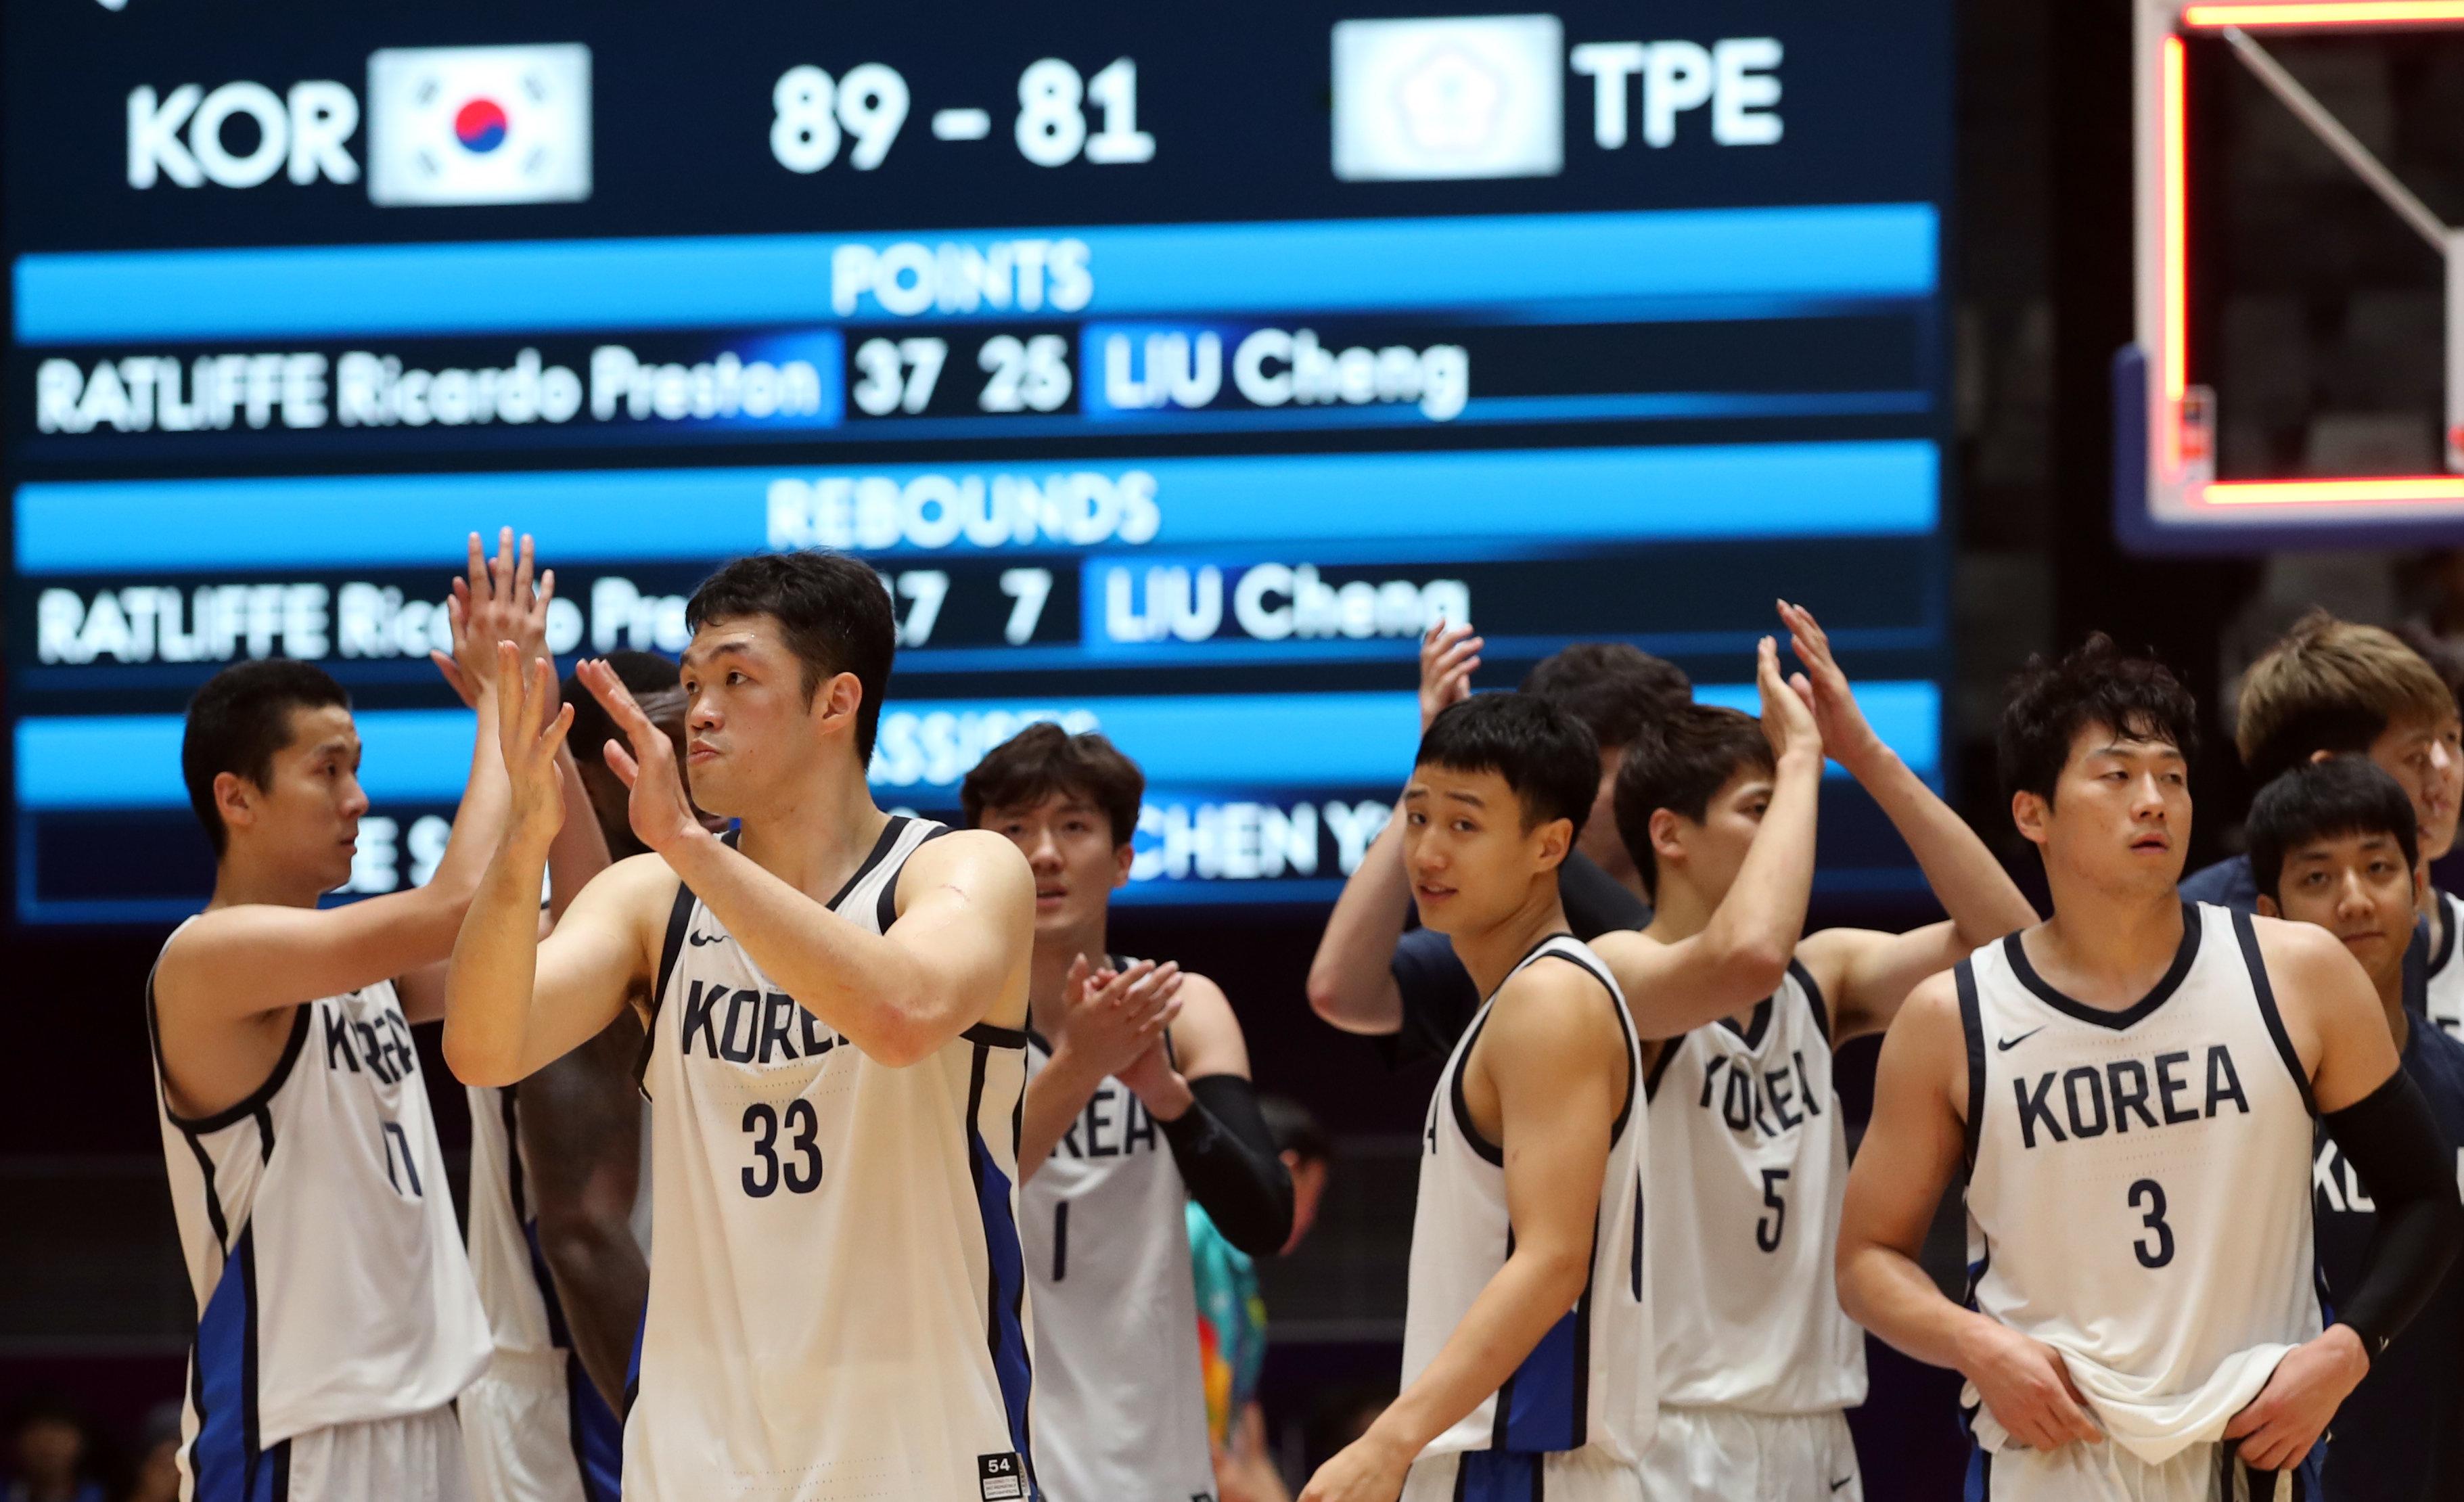 한국 남자농구가 대만을 꺾고 동메달을